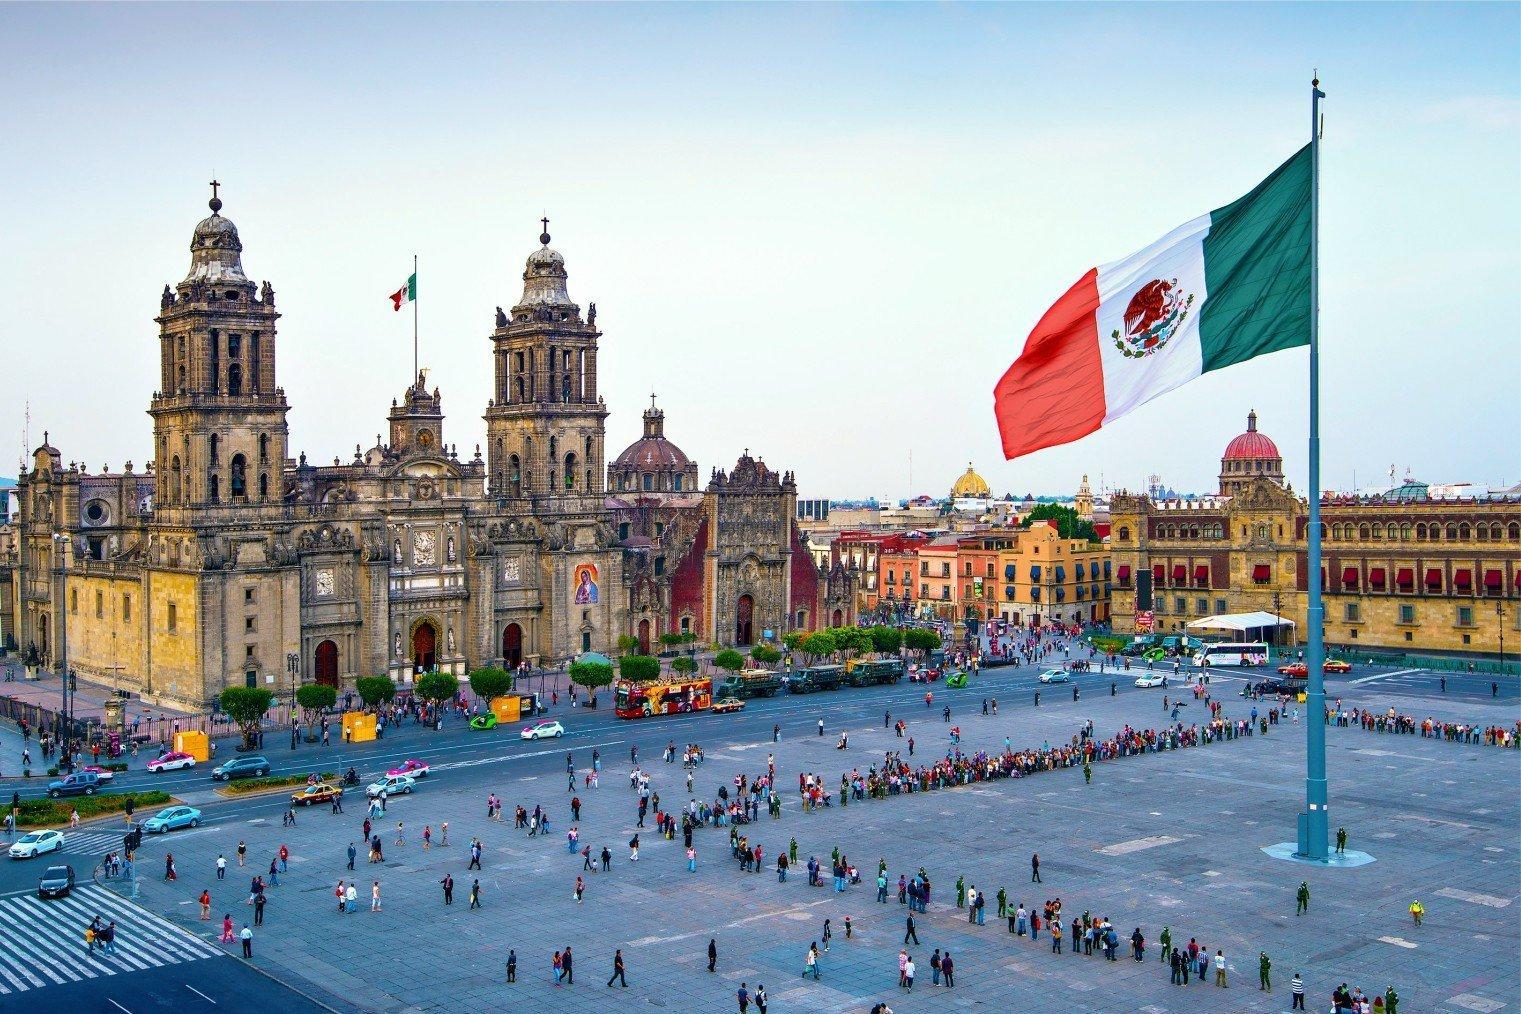 Сокало, Мексика. Zocalo, Mexico City